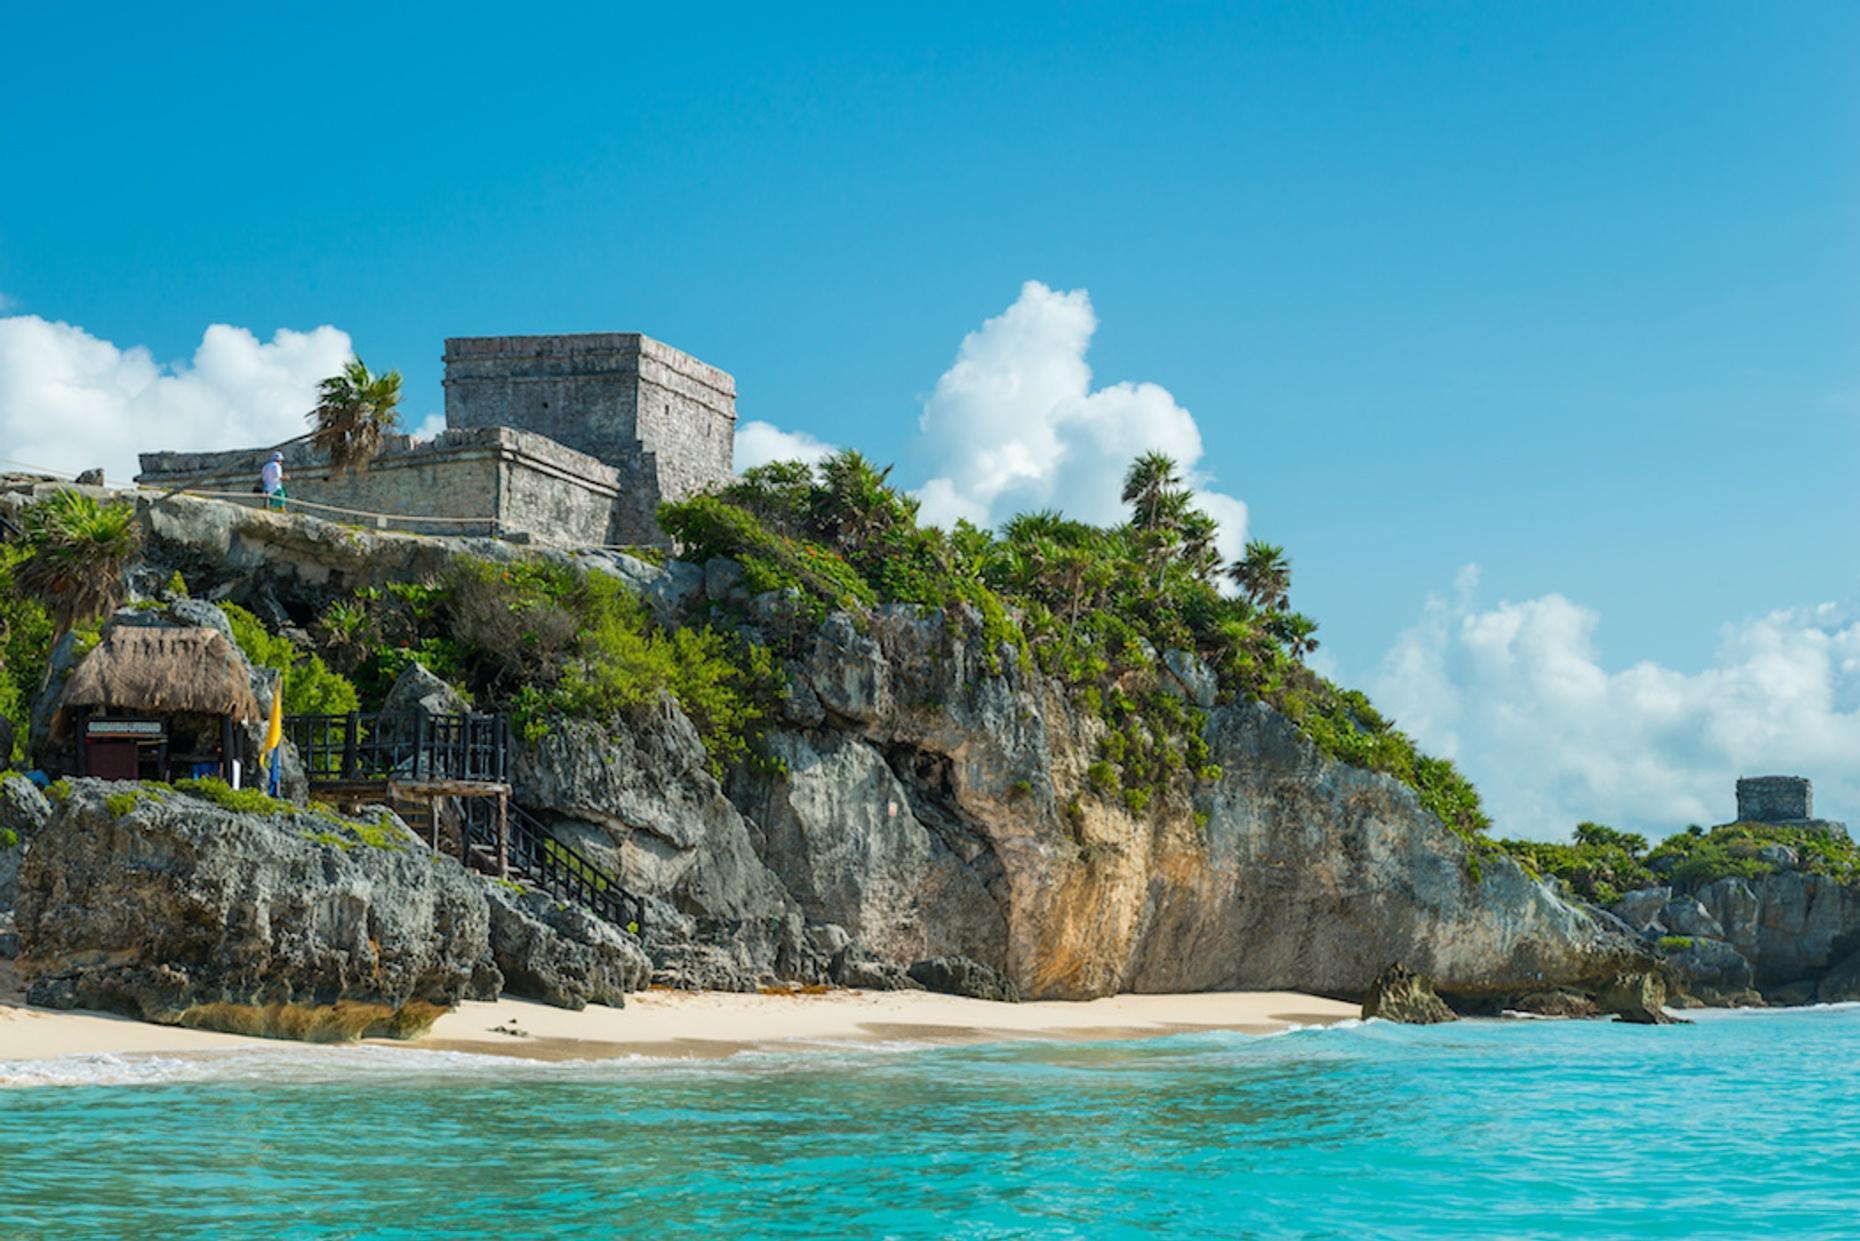 Tulum & Rio Secreto Adventure from Cancun